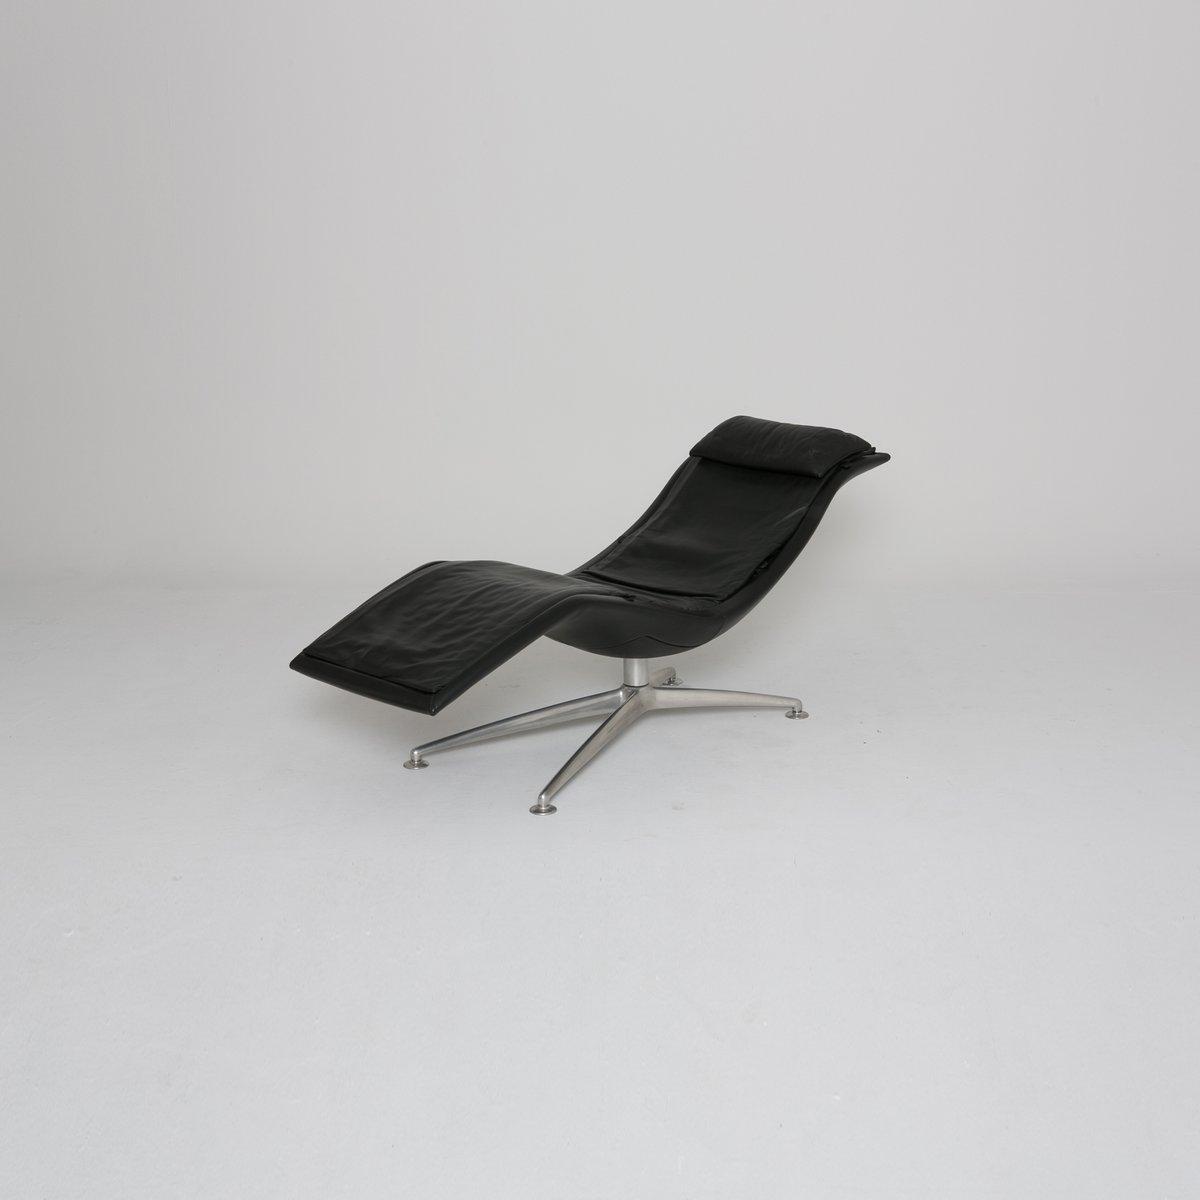 chaise longue larus de poltrona frau 2001 en vente sur pamono. Black Bedroom Furniture Sets. Home Design Ideas